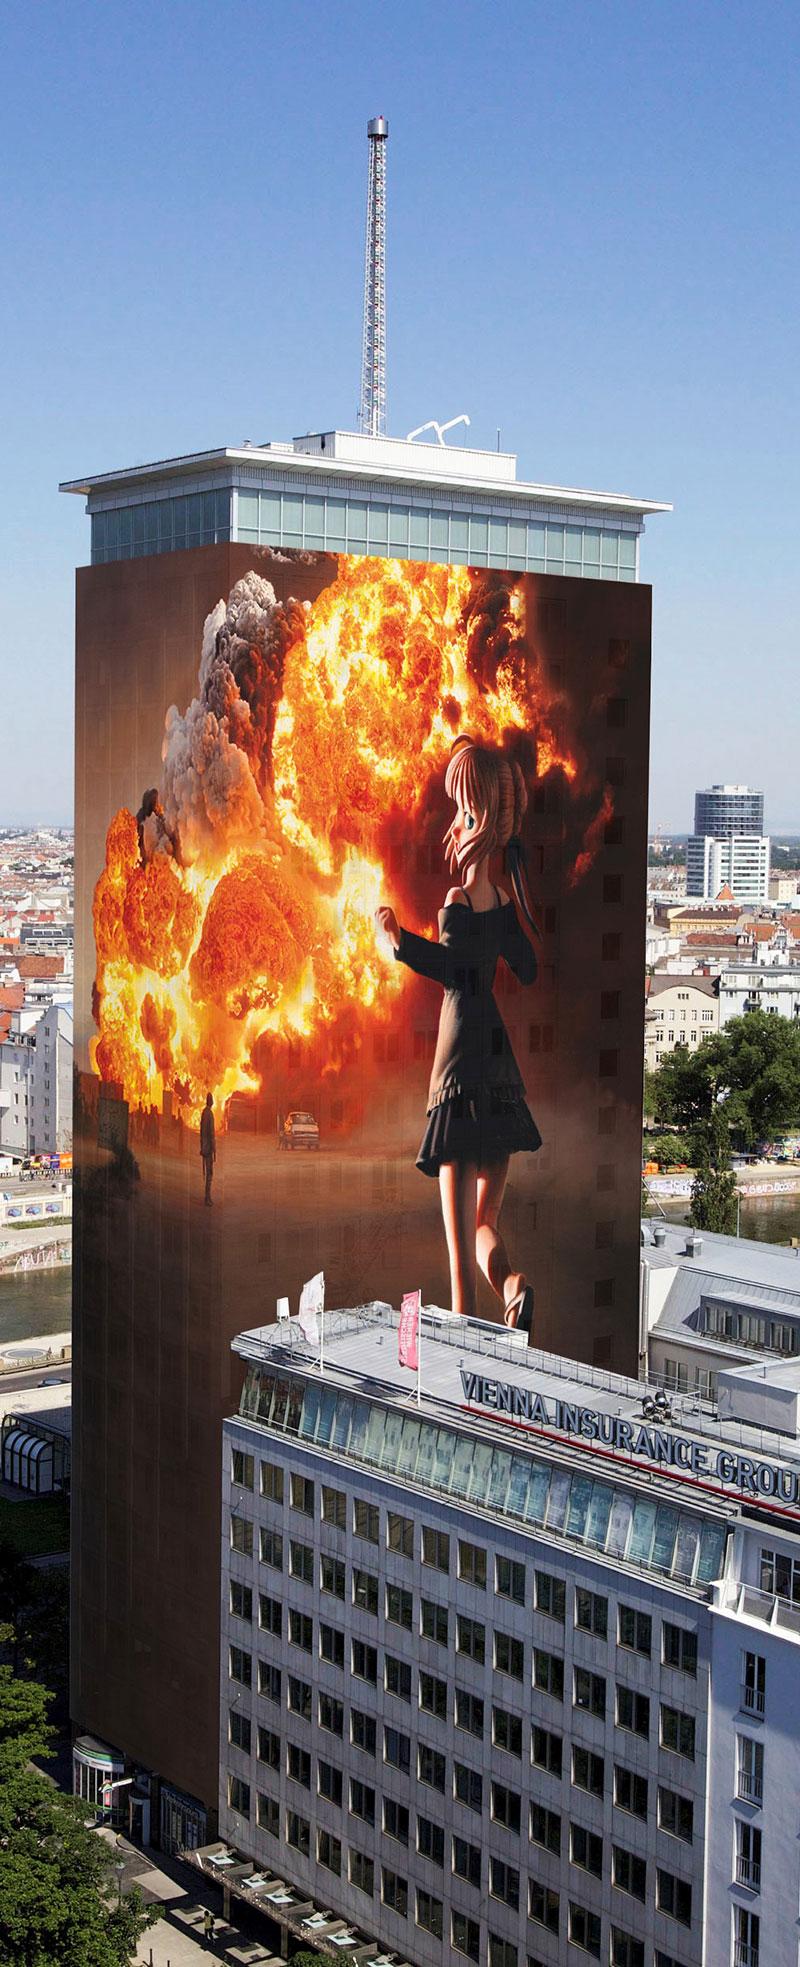 Ringturm Visualisierung mit Brand und Mädchen mit Maschinengewehr